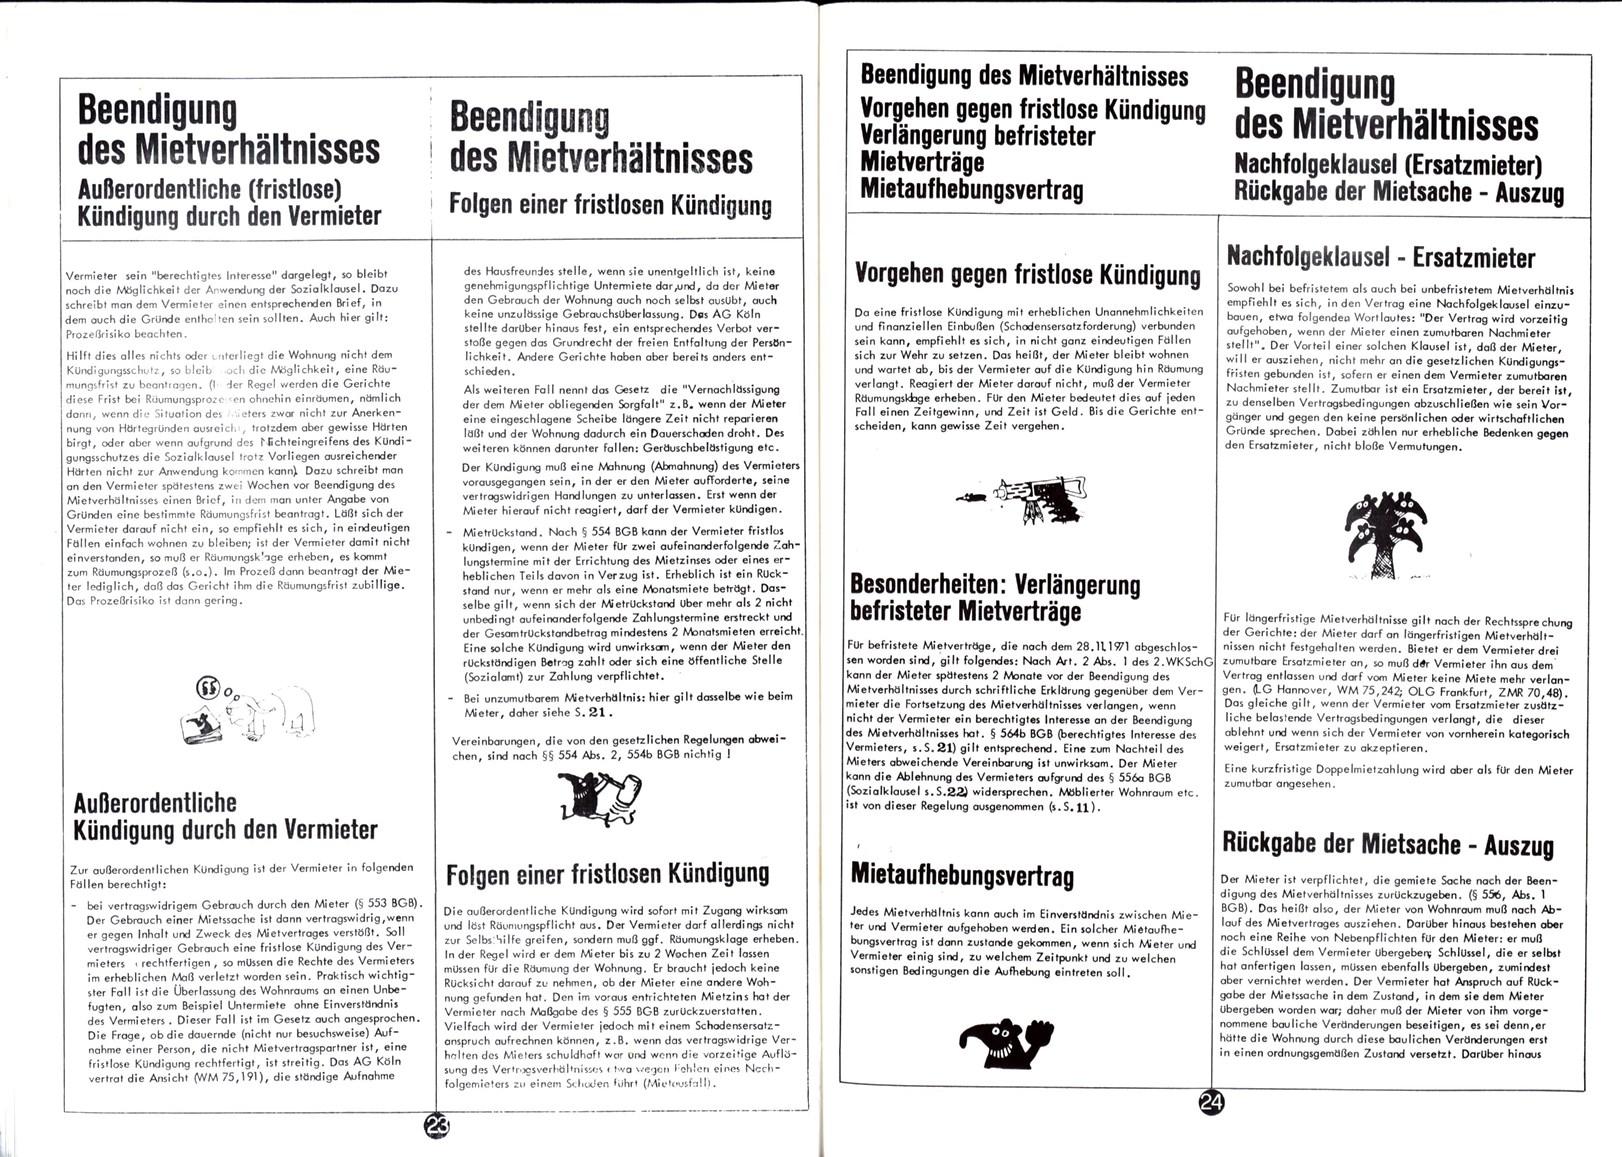 Muenster_AStA_Info_19770000_Mietinfo1_13